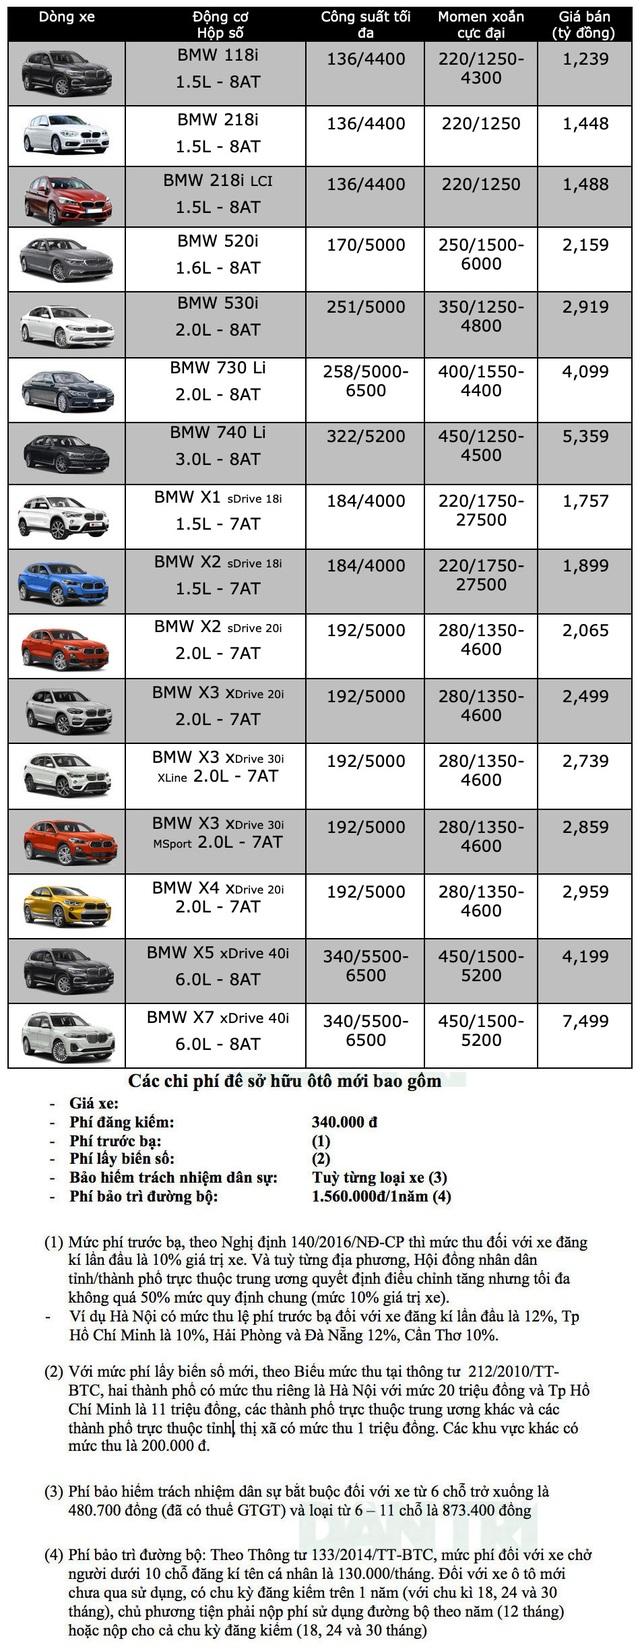 Bảng giá BMW cập nhật tháng 10/2019 - 3